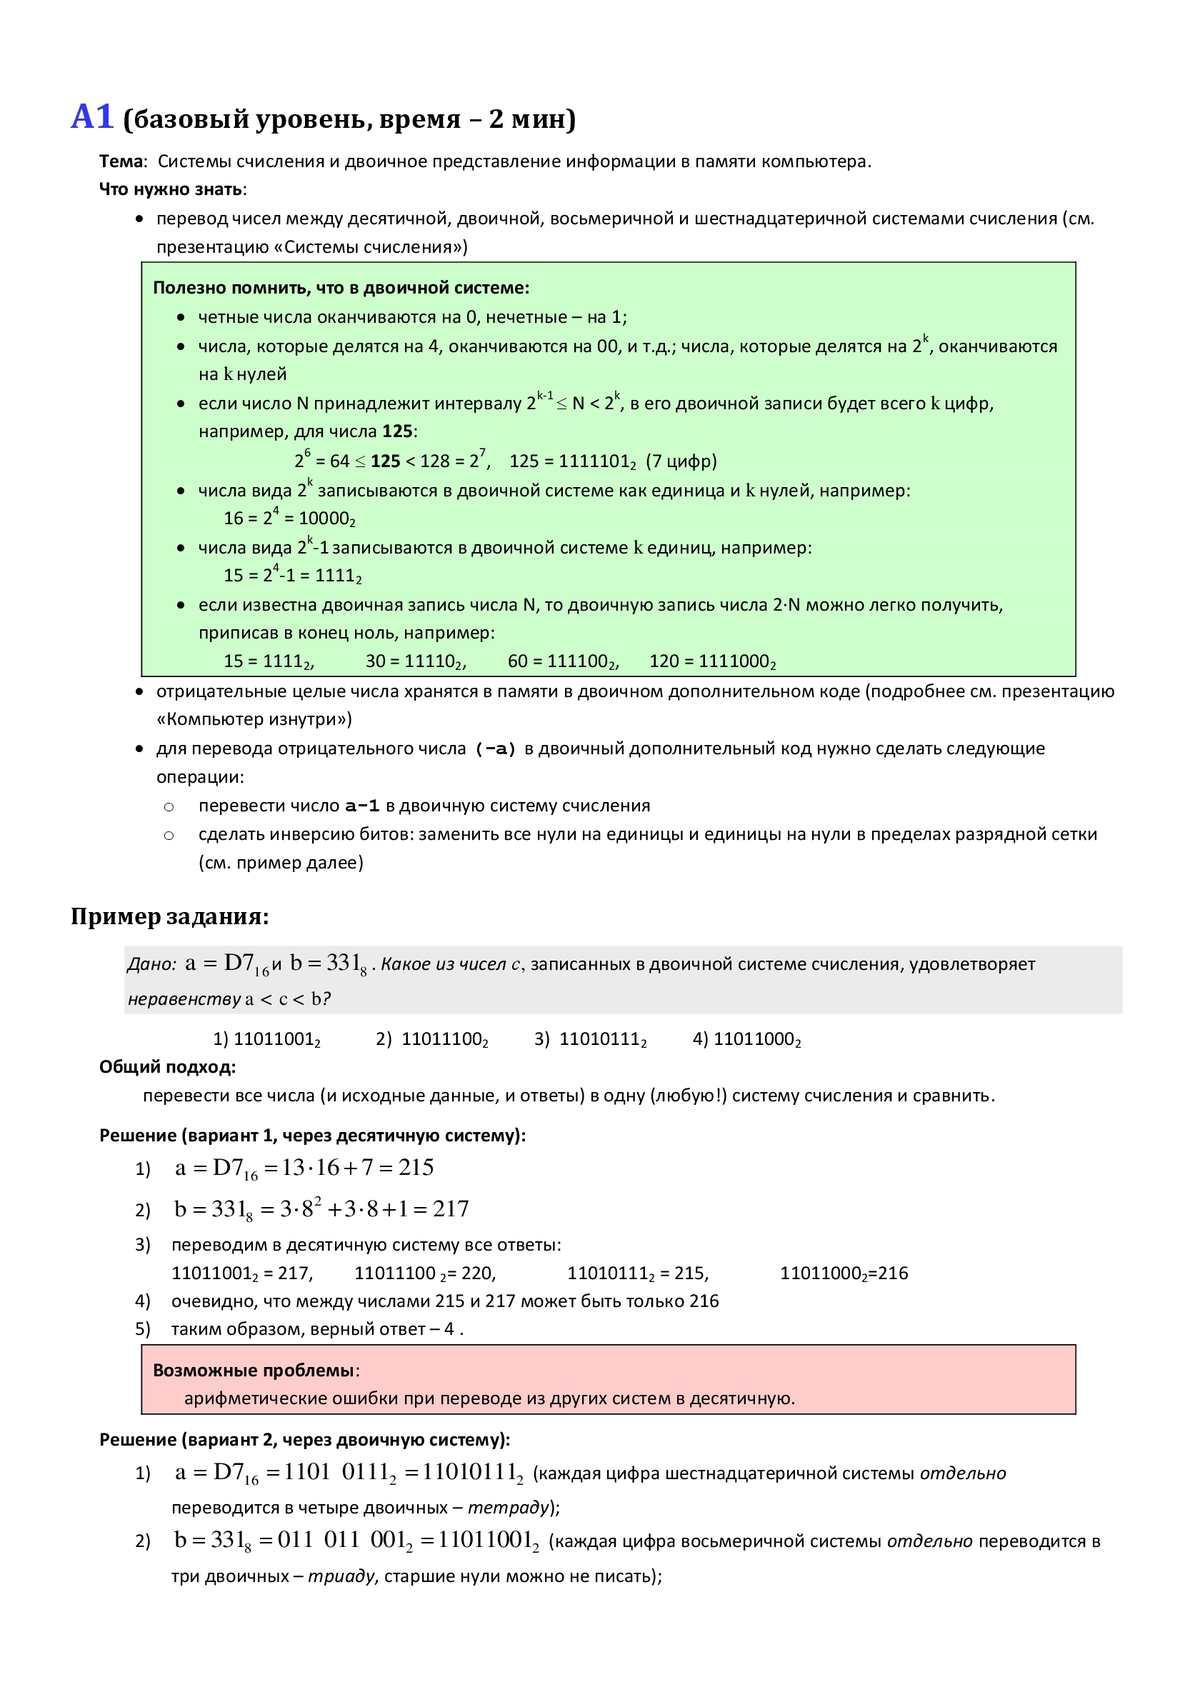 блок-схема перевод система счисления